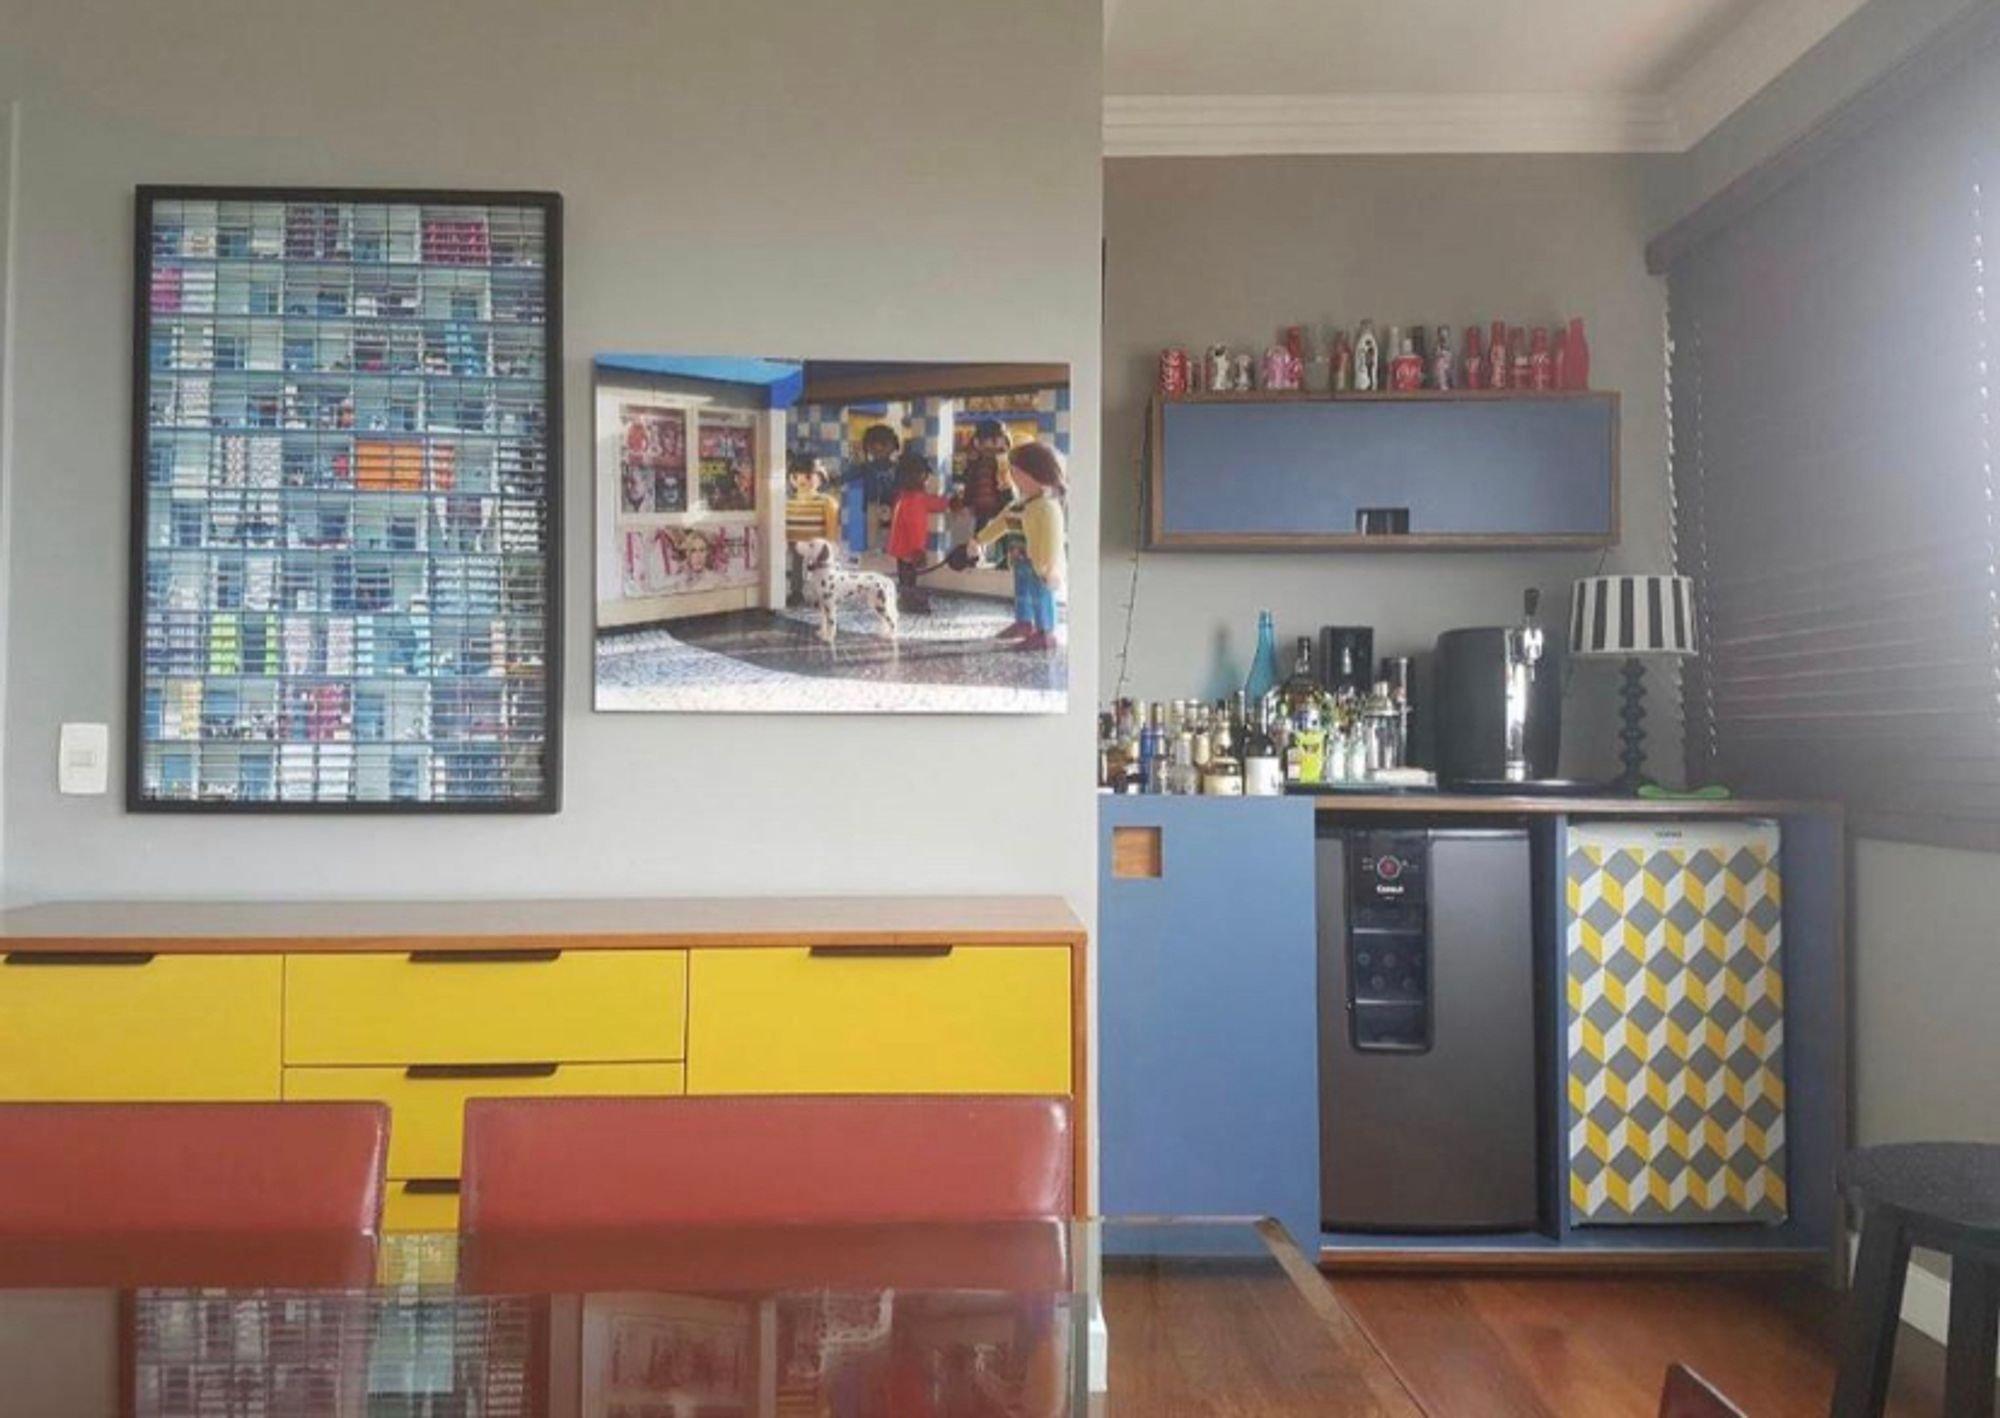 Foto de Sala com cadeira, garrafa, xícara